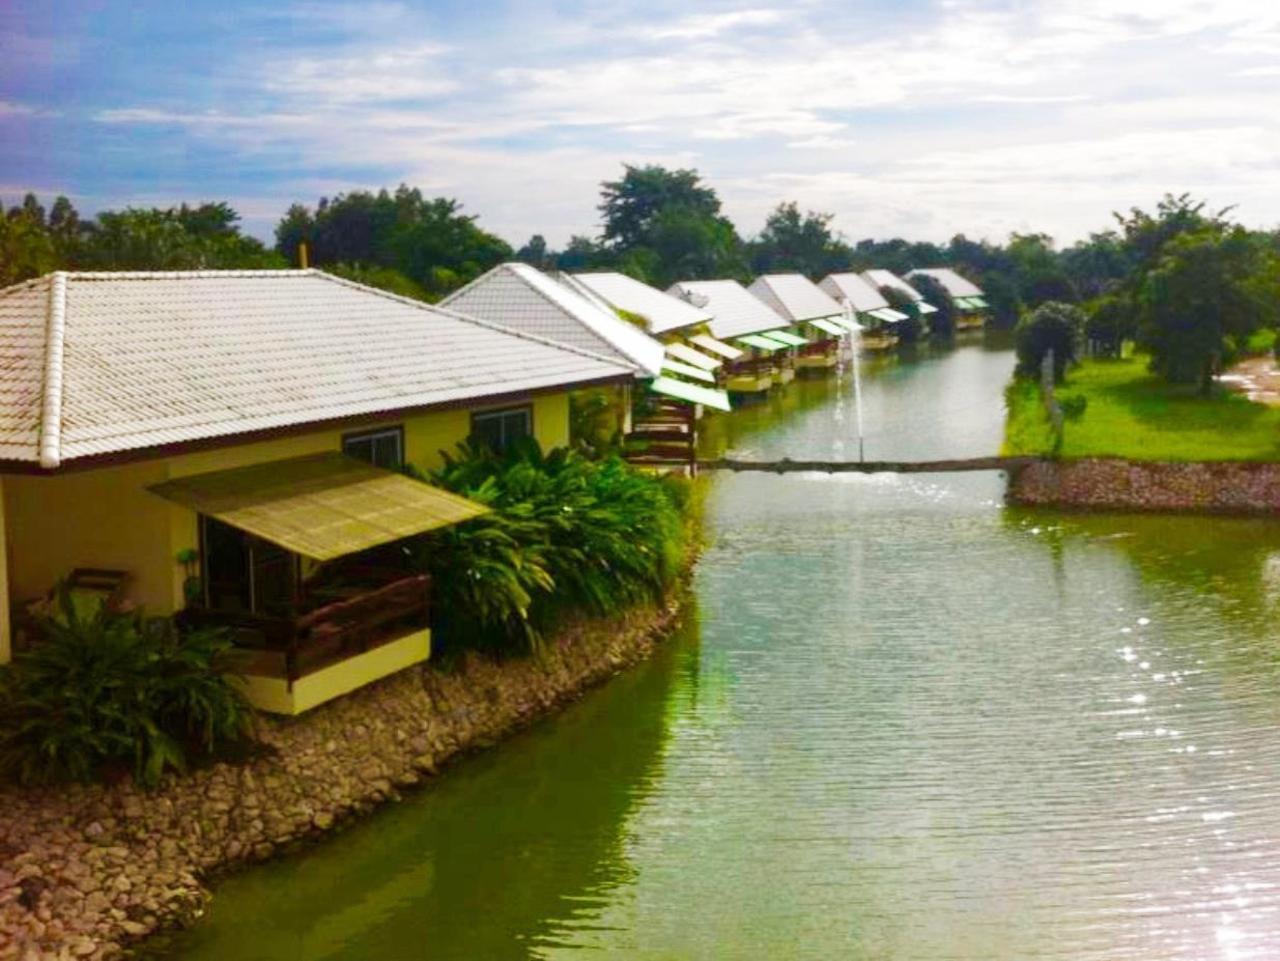 อรัญประเทศ ริเวอร์ไซด์ รีสอร์ท (Aranyaprathet Riverside Resort)